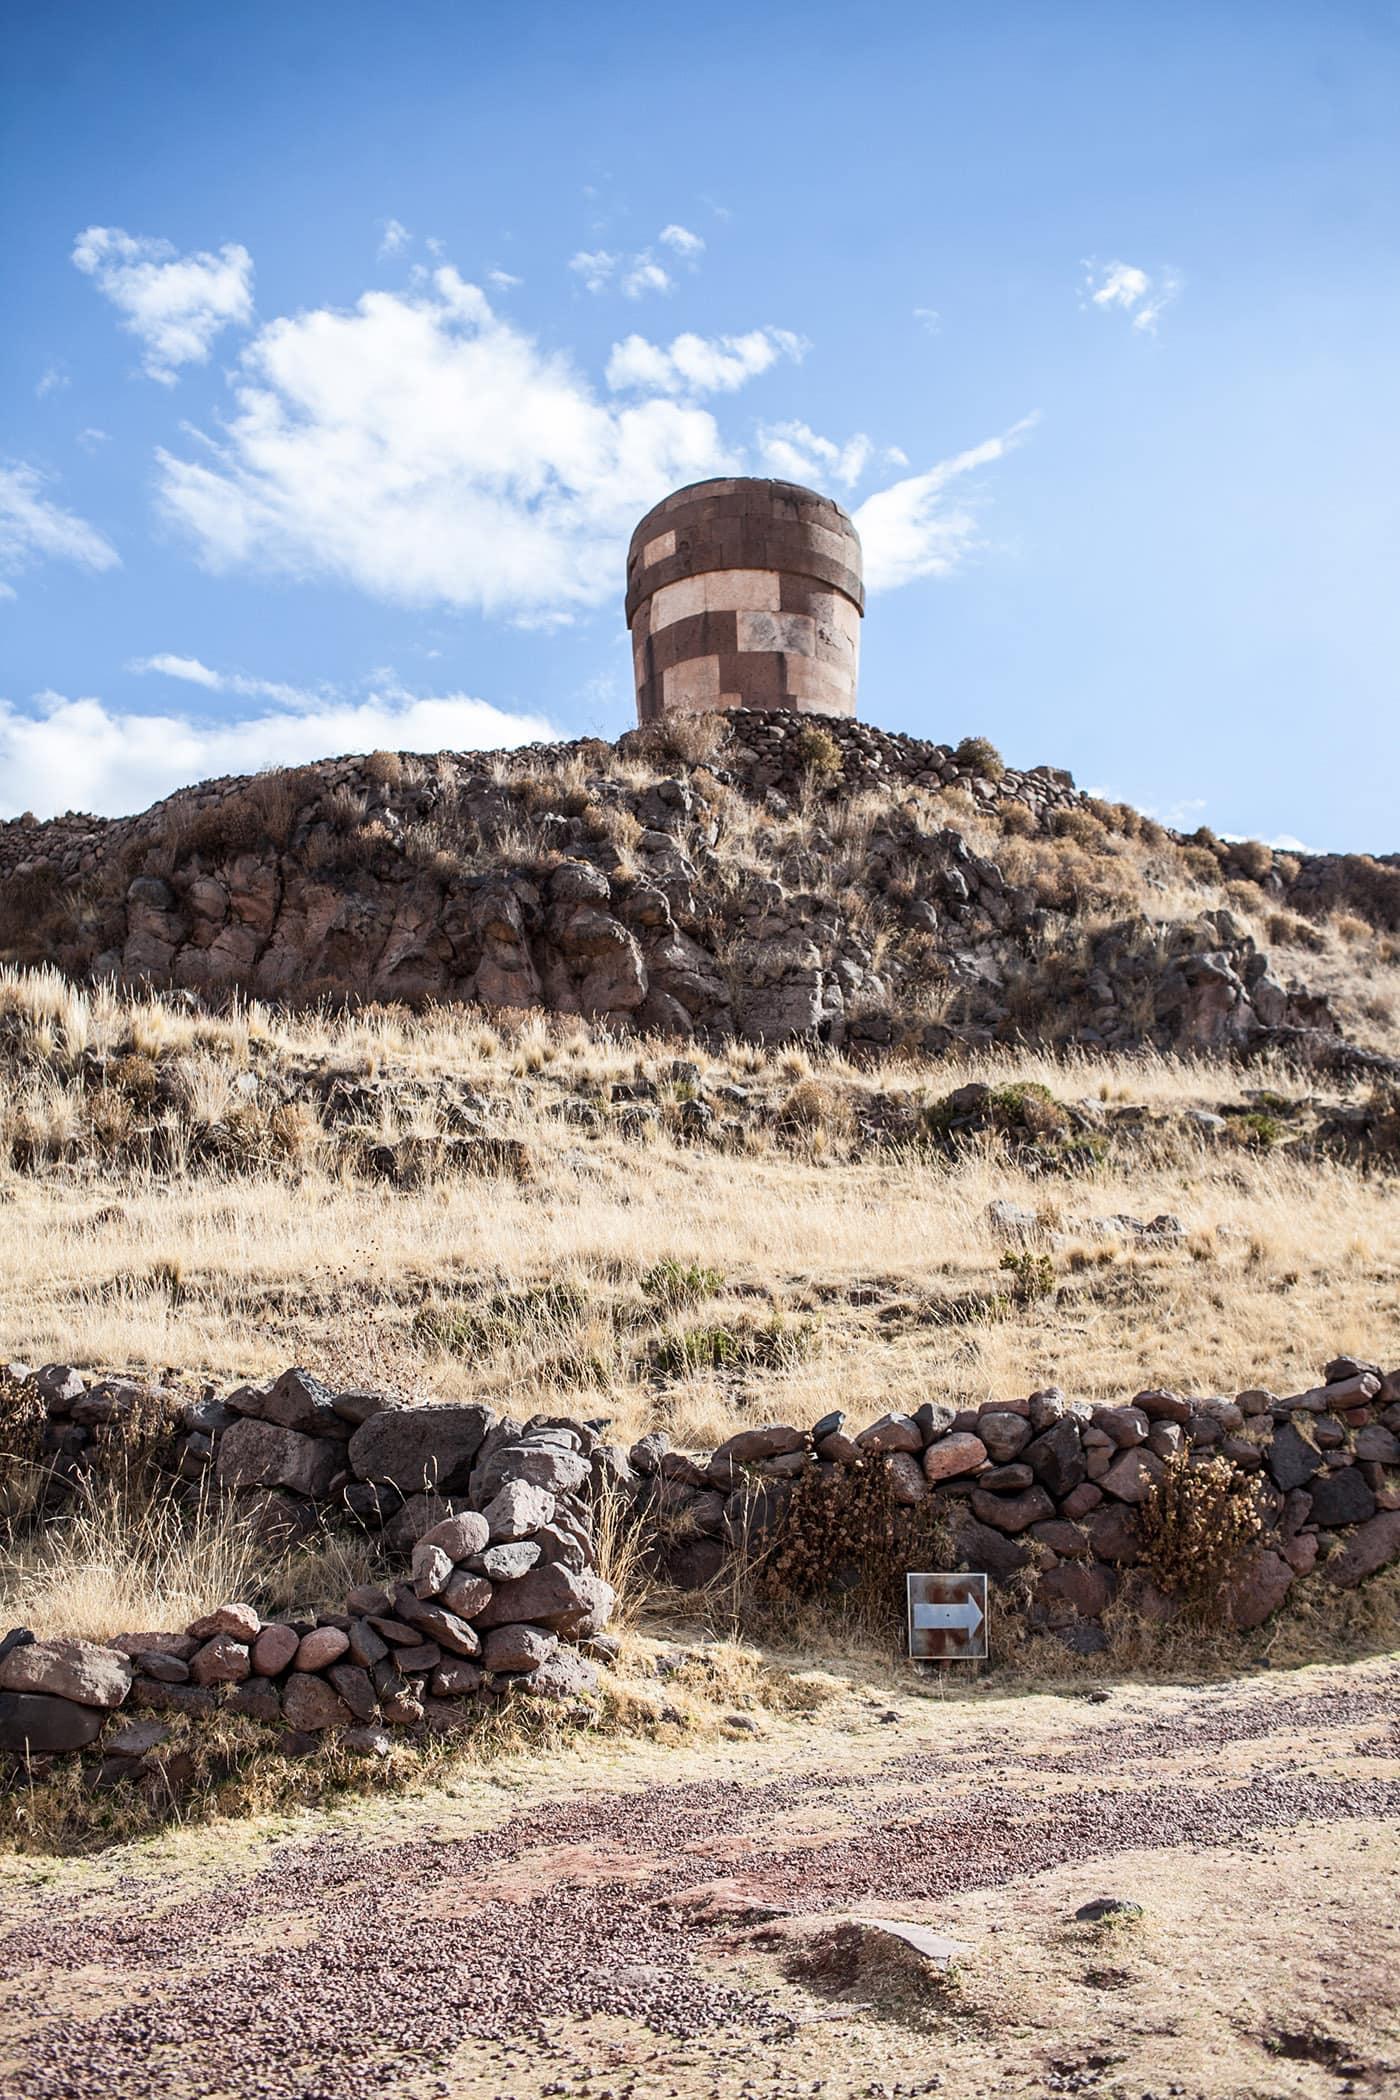 Sillustani - pre-Inkan burial in Puno, Peru